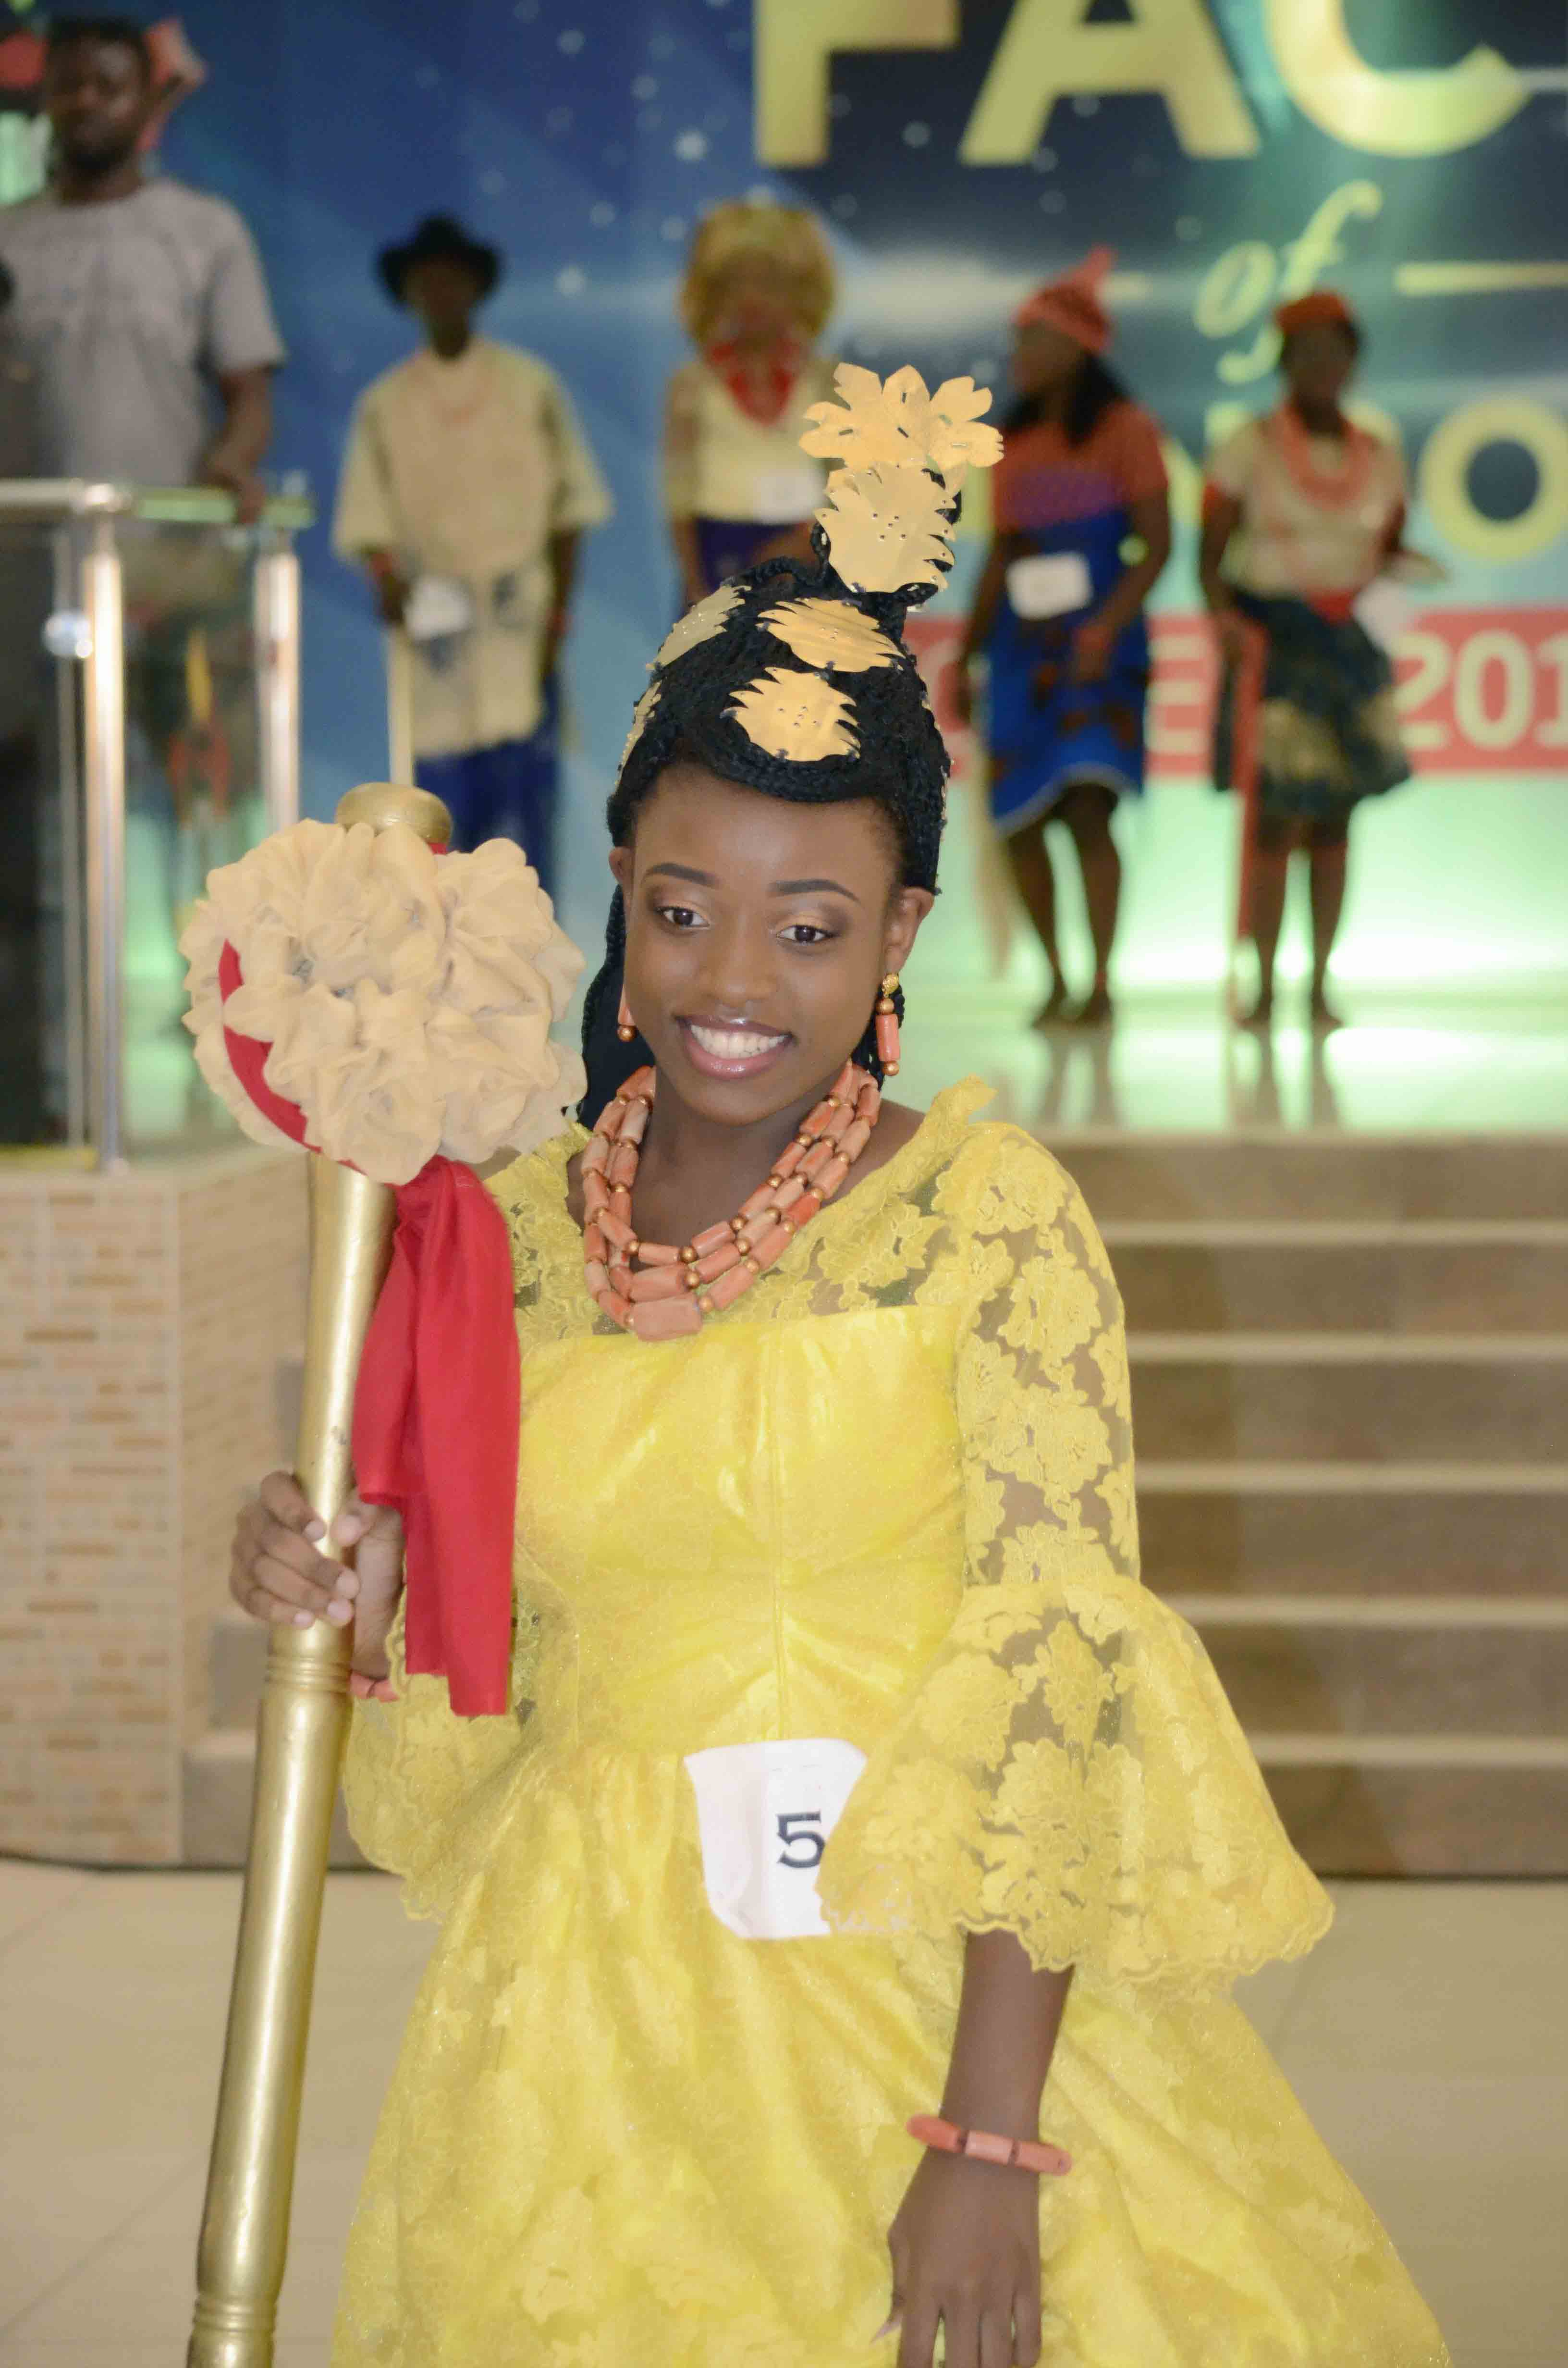 Participants in traditional attire